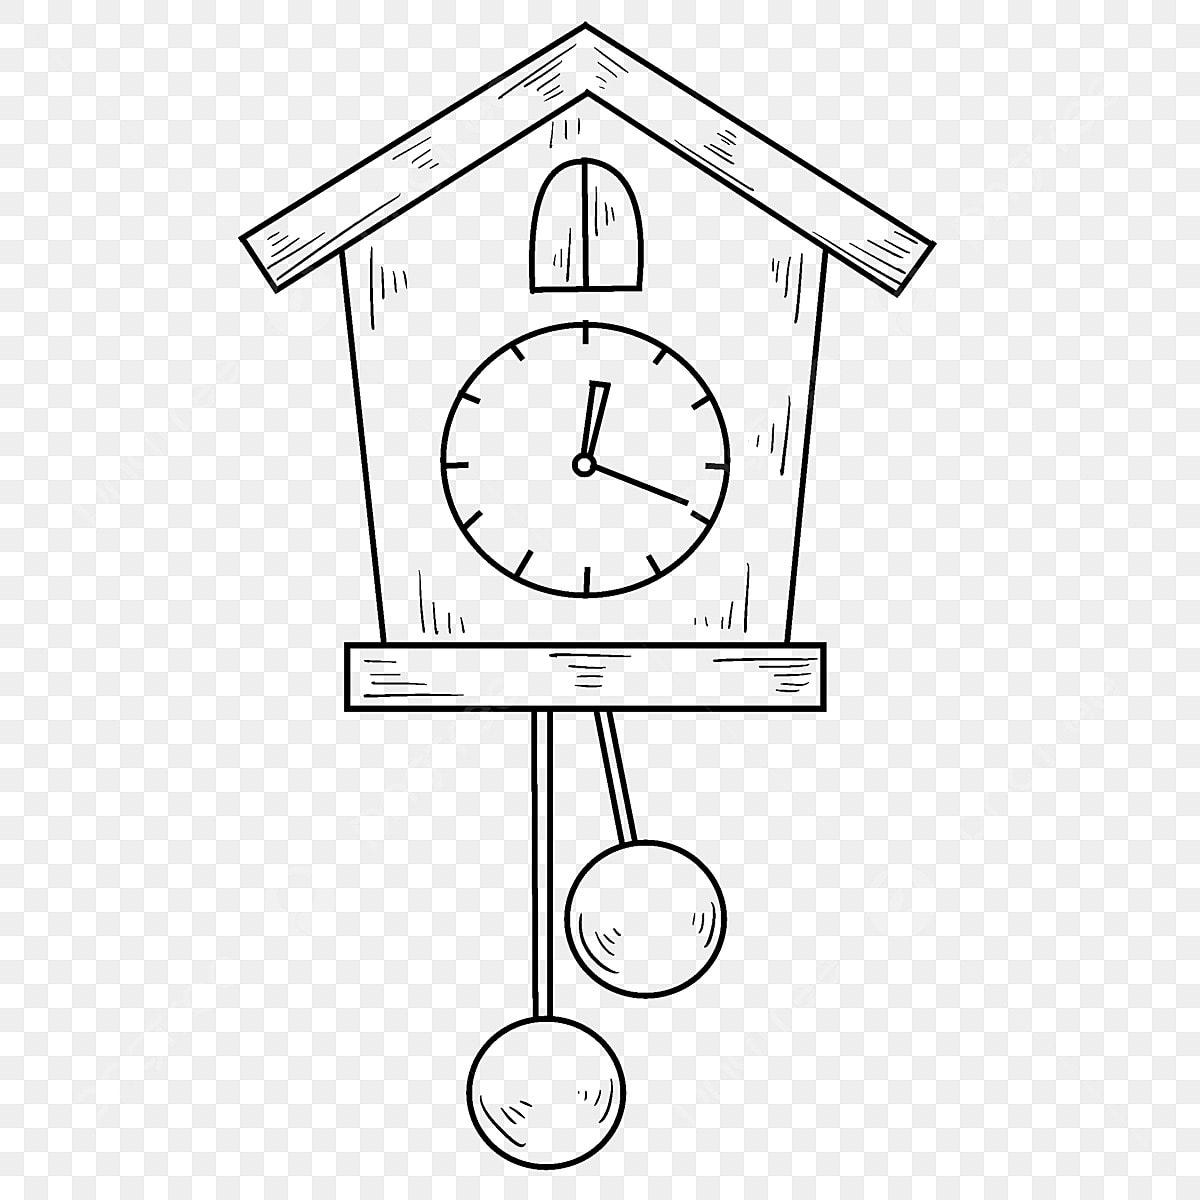 Gambar Line Menggambar Jam Penggera Jam Penggera Tangan Dicat Jam Penggera Kartun Jam Penggera Loket Digambarkan Jam Penggera Tangan Dicat Line Menggambar Jam Penggera Png Dan Psd Untuk Muat Turun Percuma